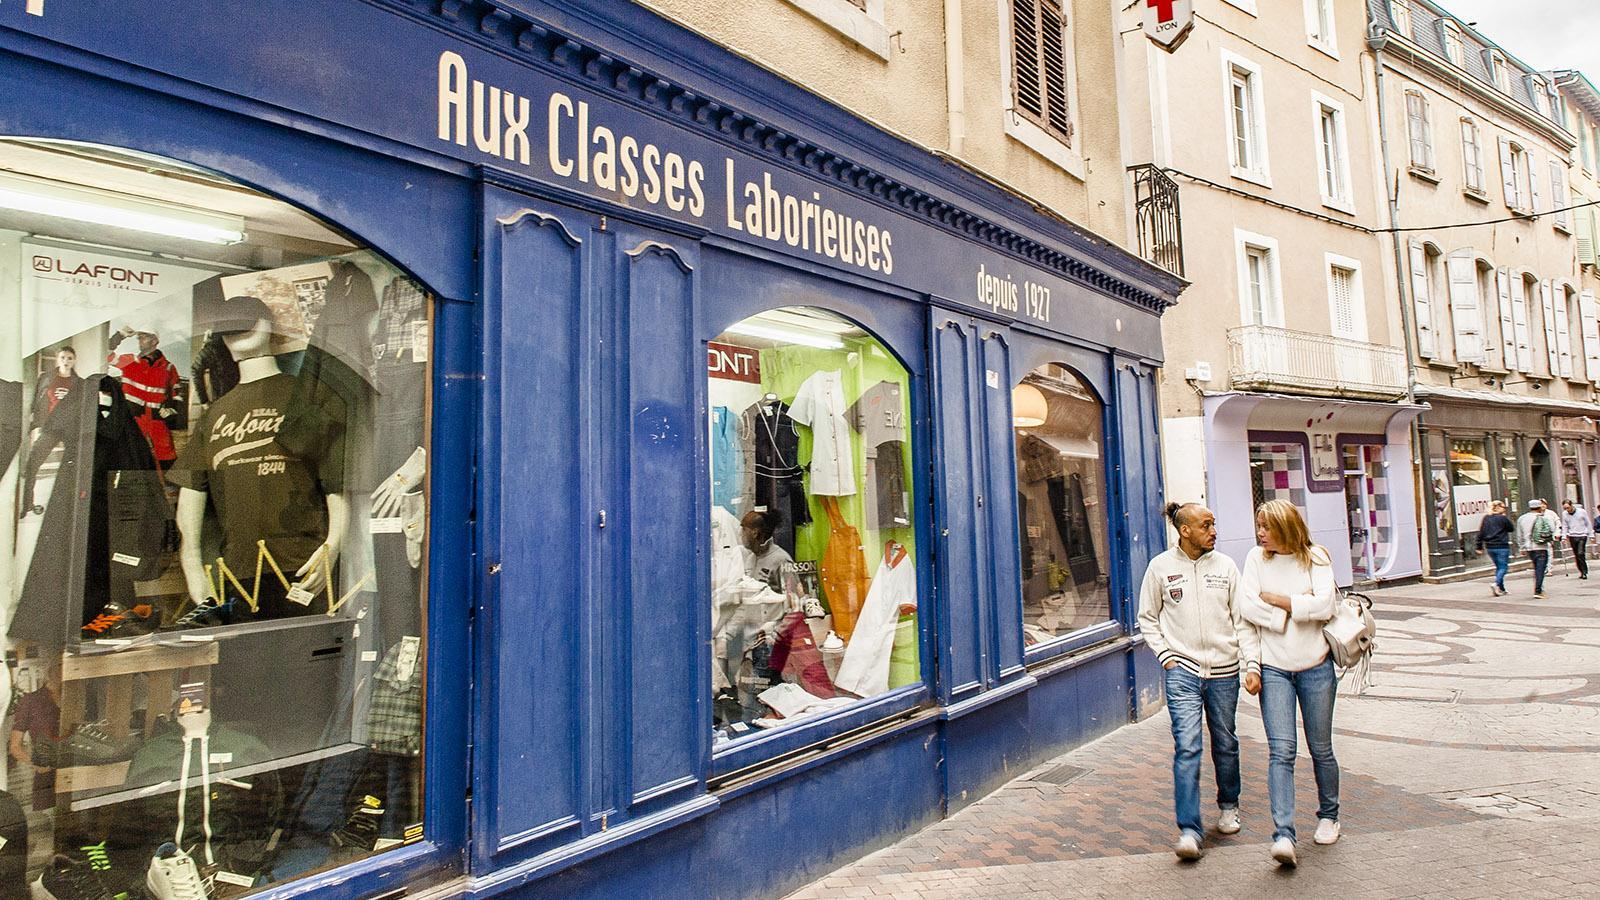 Valence: Aux classes laborieuses. Foto: Hilke Maunder